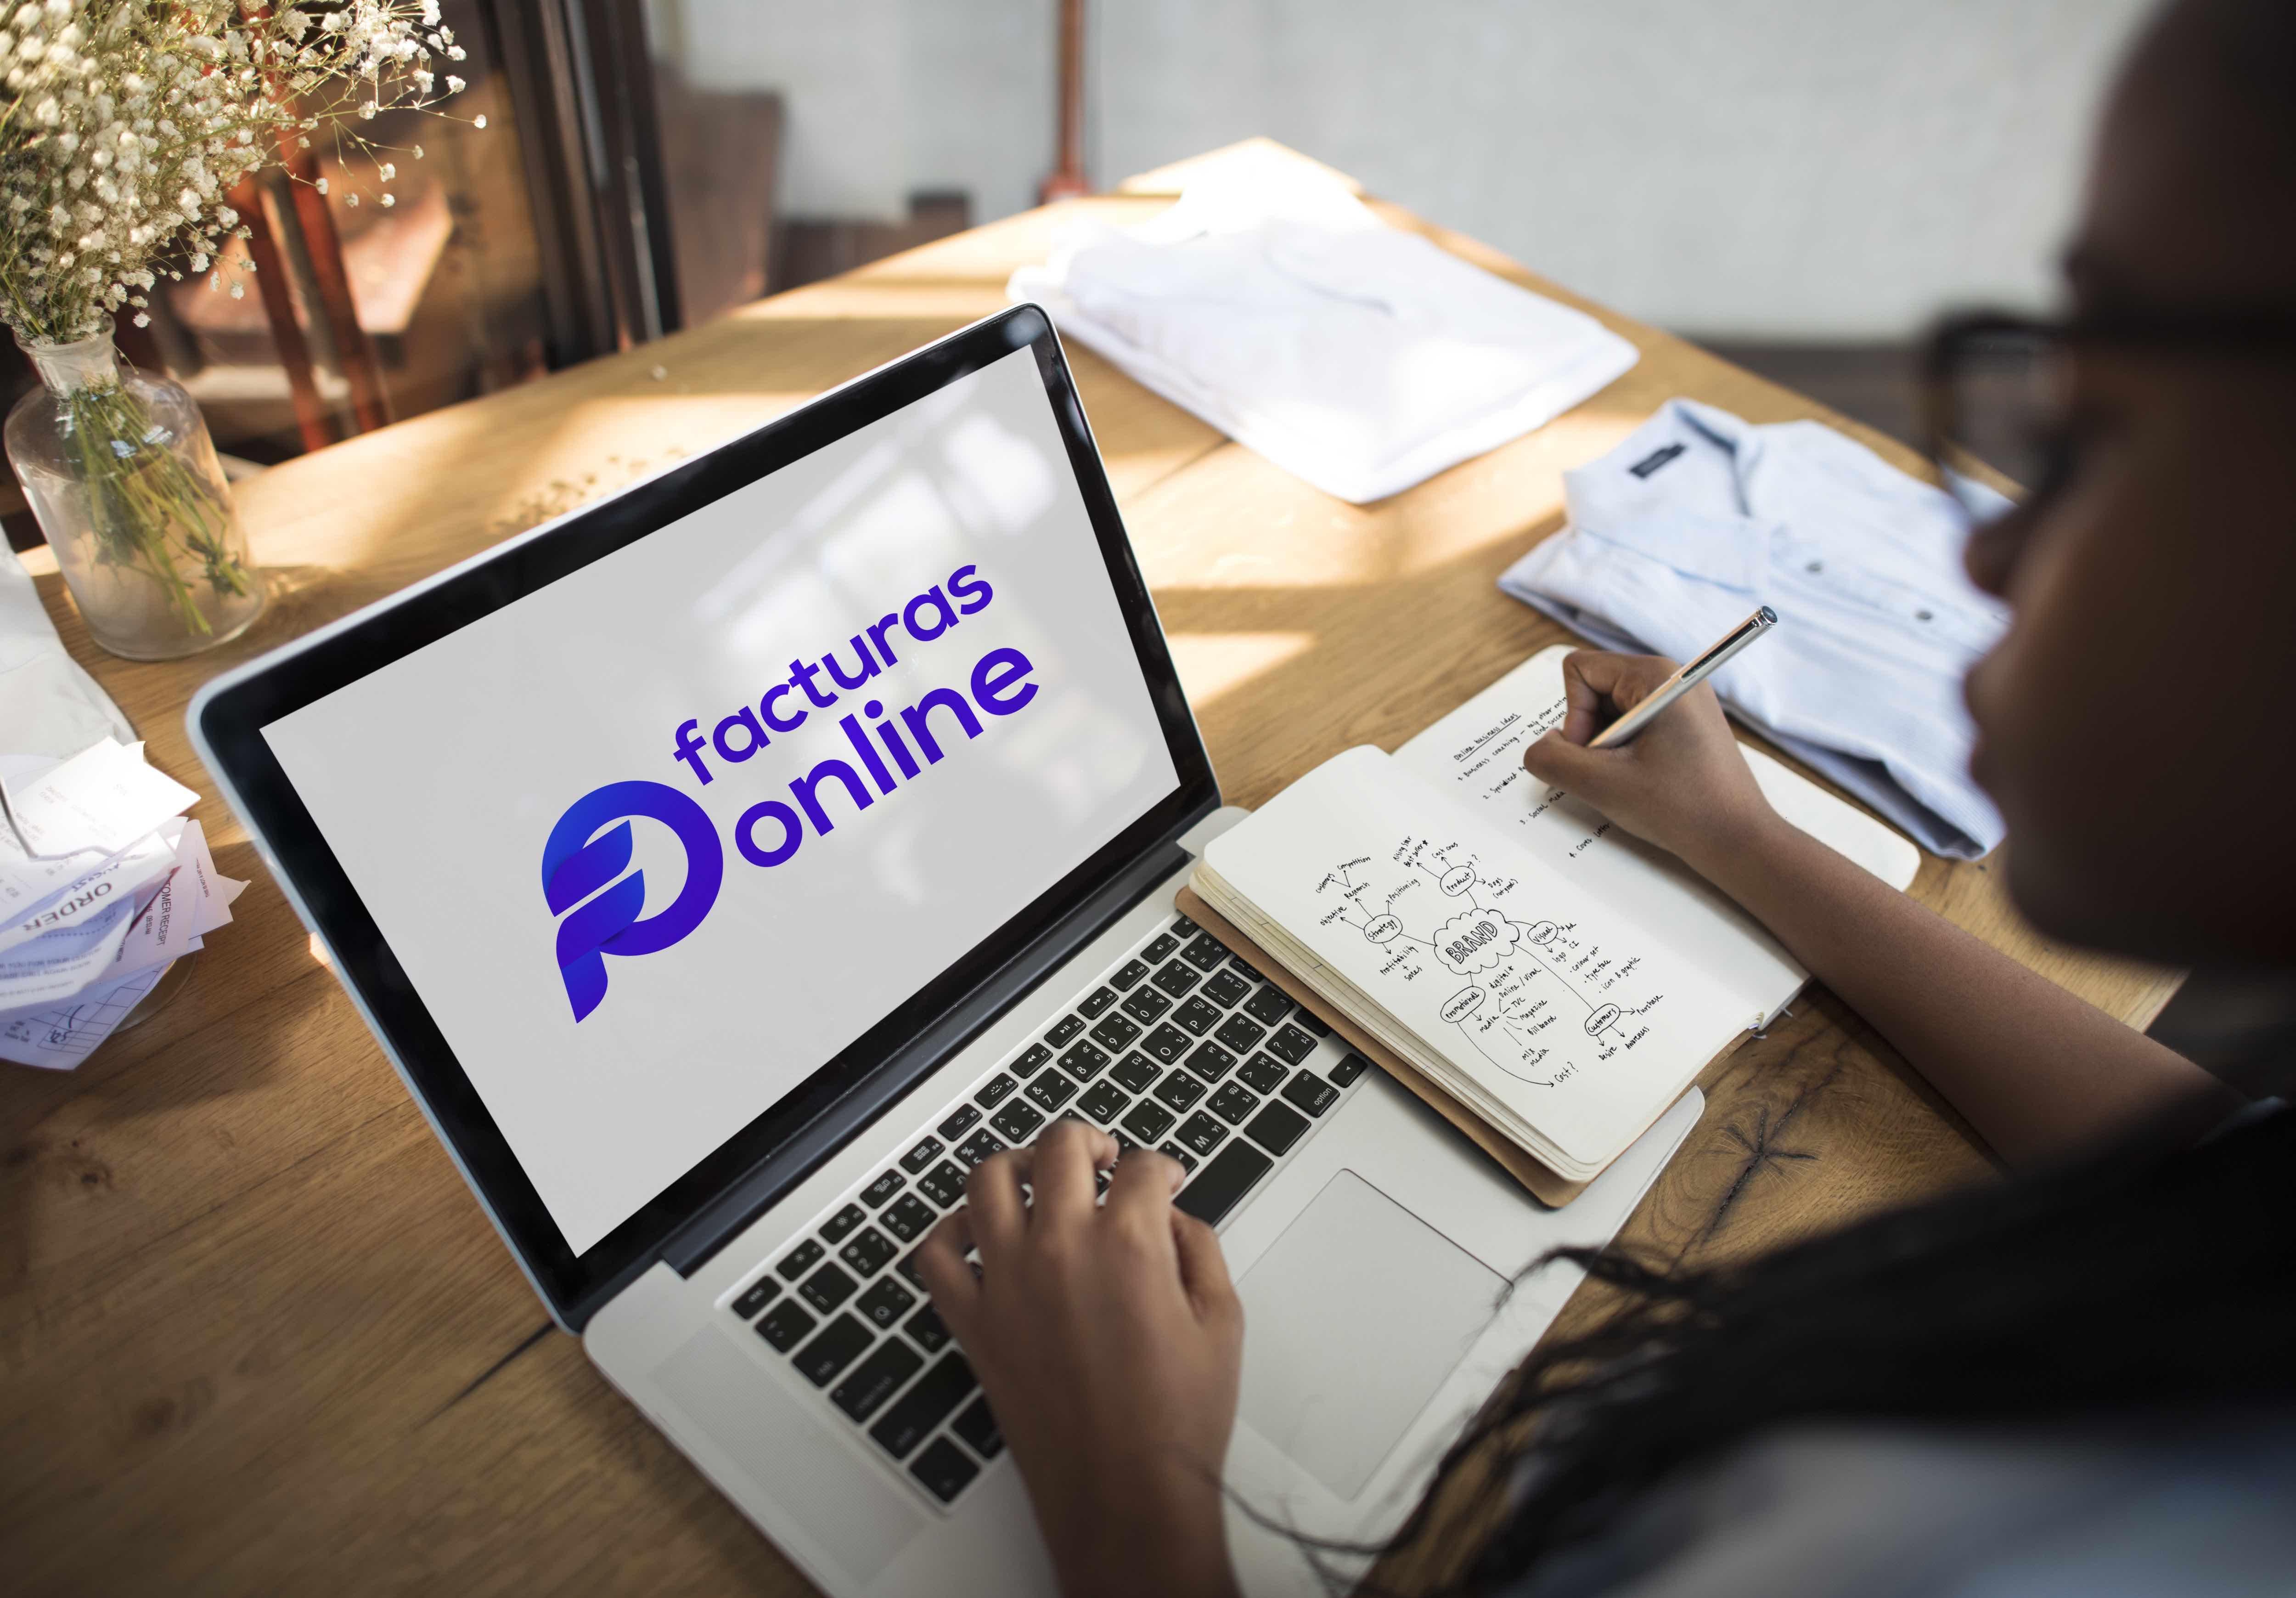 Marketing Digital Agencia Digital, Diseño de logotipo, diseno_de_logotipo_mejor_digital_3